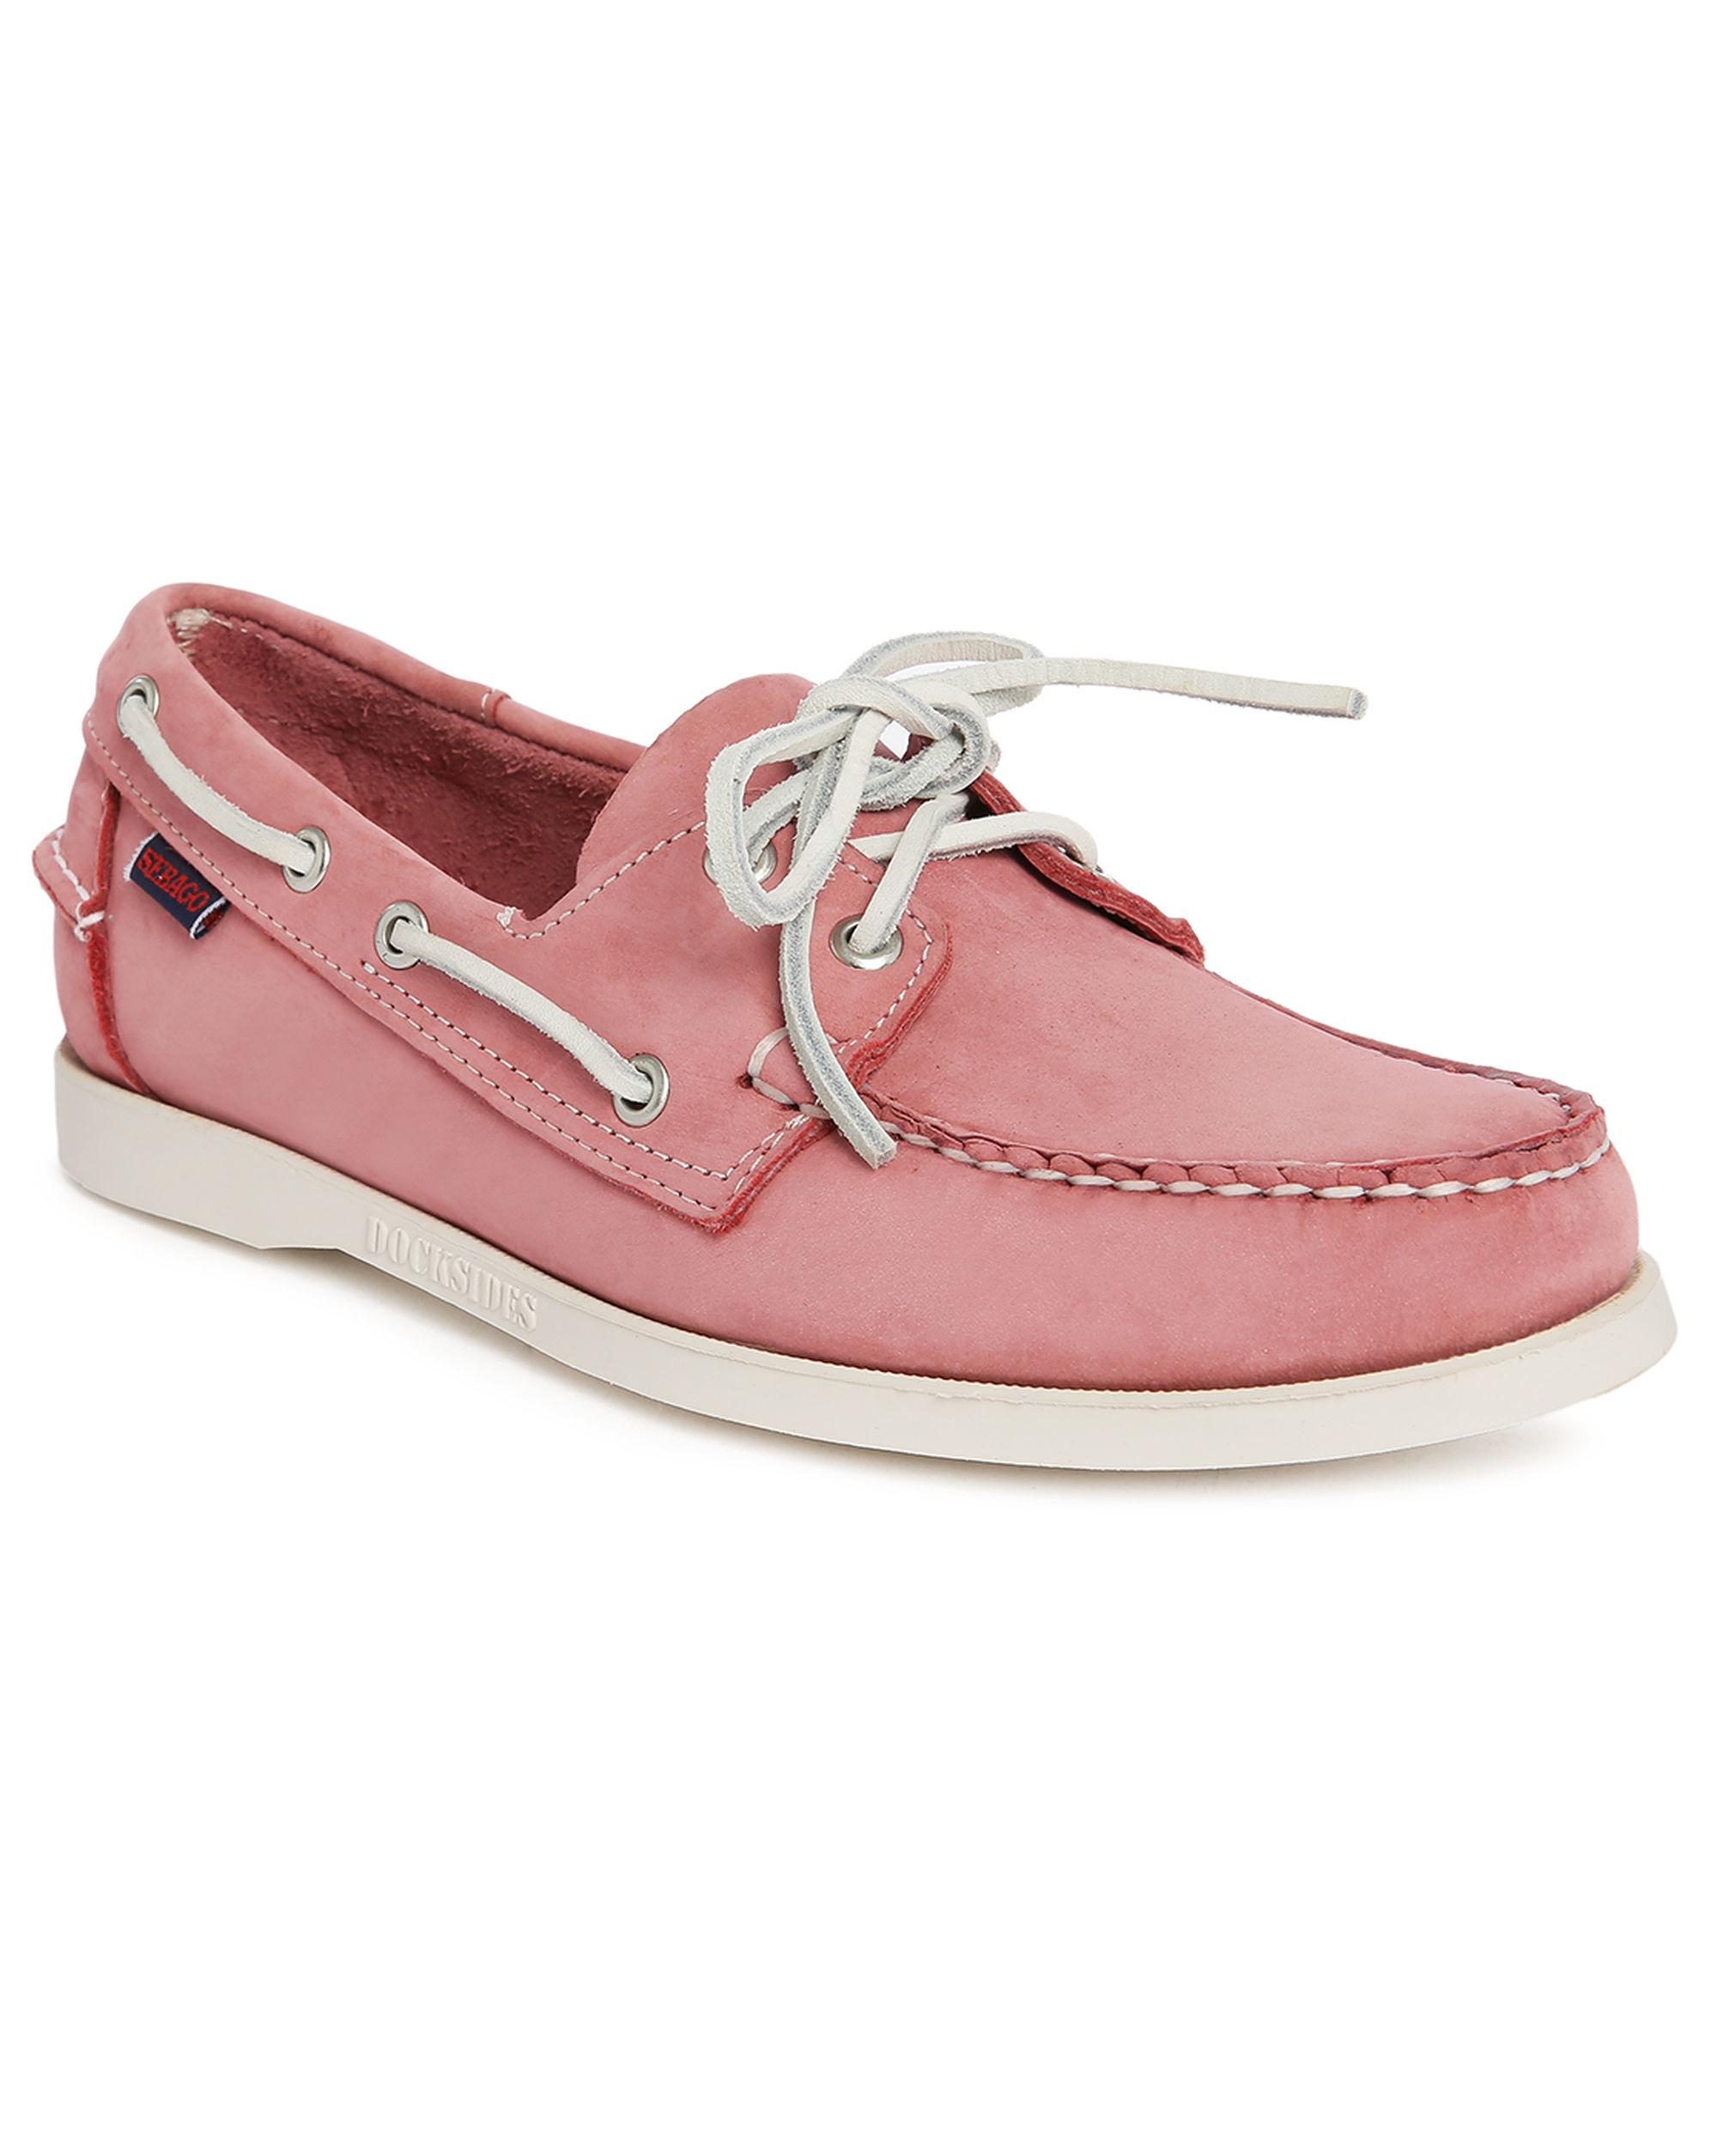 sebago pink docksides nubuck boat shoes in pink for lyst